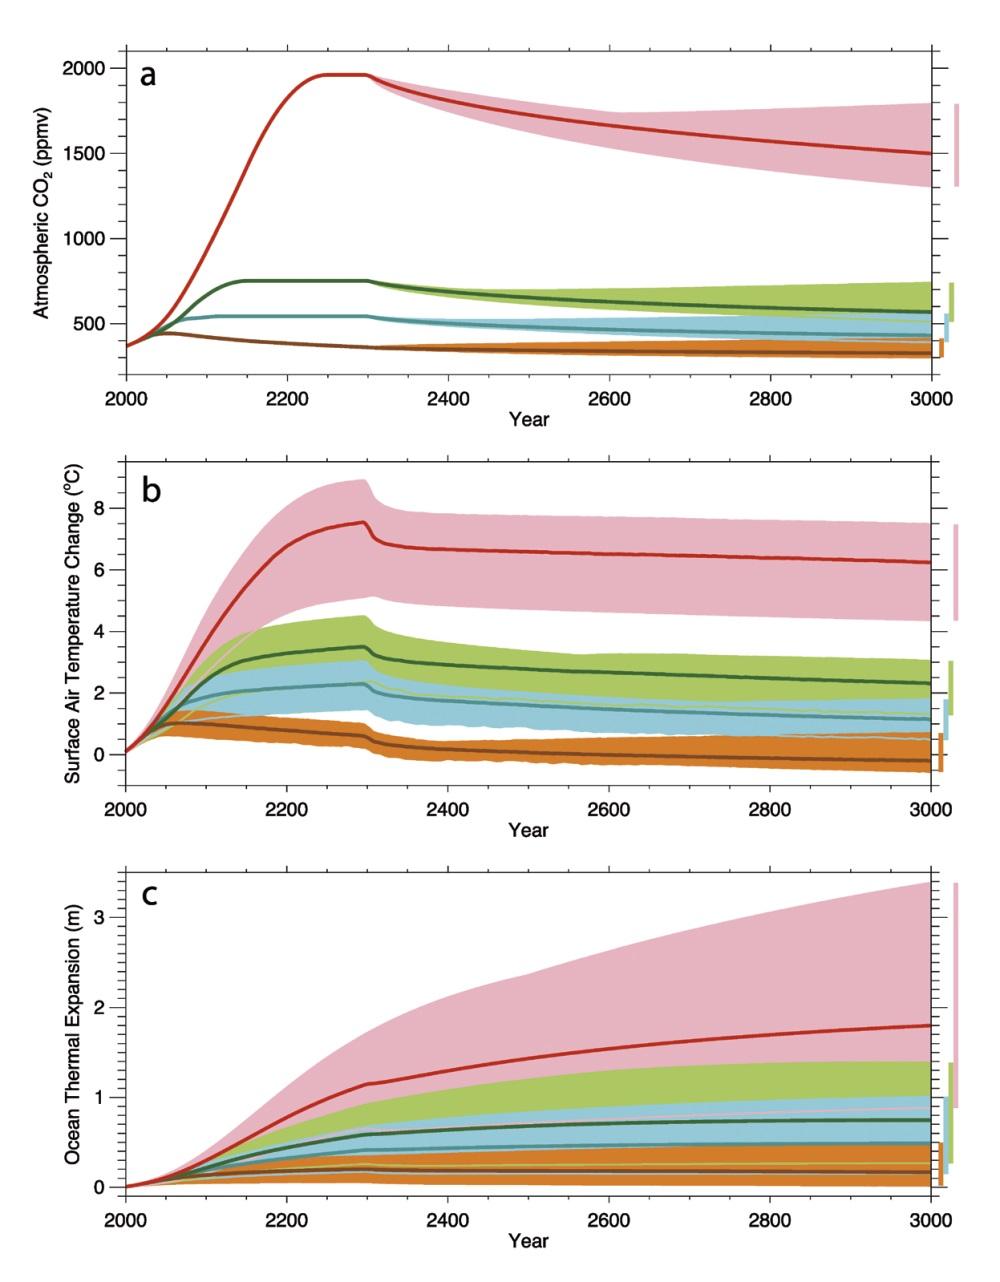 Рисунок 9. Если бы глобальные выбросы ватмосферу внезапно прекратились, потребовалось бы много времени, чтобы приземный воздух иокеан стали охлаждаться, поскольку избыток ватмосфере CO2 долгое время оставался бы там, продолжая производить разогревающий эффект. Вбудущем, согласно модельным прогнозам, концентрация ватмосфере CO2 (a), температура приземного слоя воздуха (b) итепловое расширение океана (c) могут меняться по-разному, взависимости от сценария: красный цвет— сценарий прекращения обычных для нашего времени выбросов в2300 году, оранжевый цвет— сценарий агрессивного сокращения выбросов, при котором они снижаются почти до нуля через 50 лет, зелёный исиний цвета— два промежуточных сценария. Небольшое снижение температуры в2300 году будет вызвано исчезновением выбросов короткоживущих парниковых газов, втом числе метана. Источник: Zickfeld et al., 2013